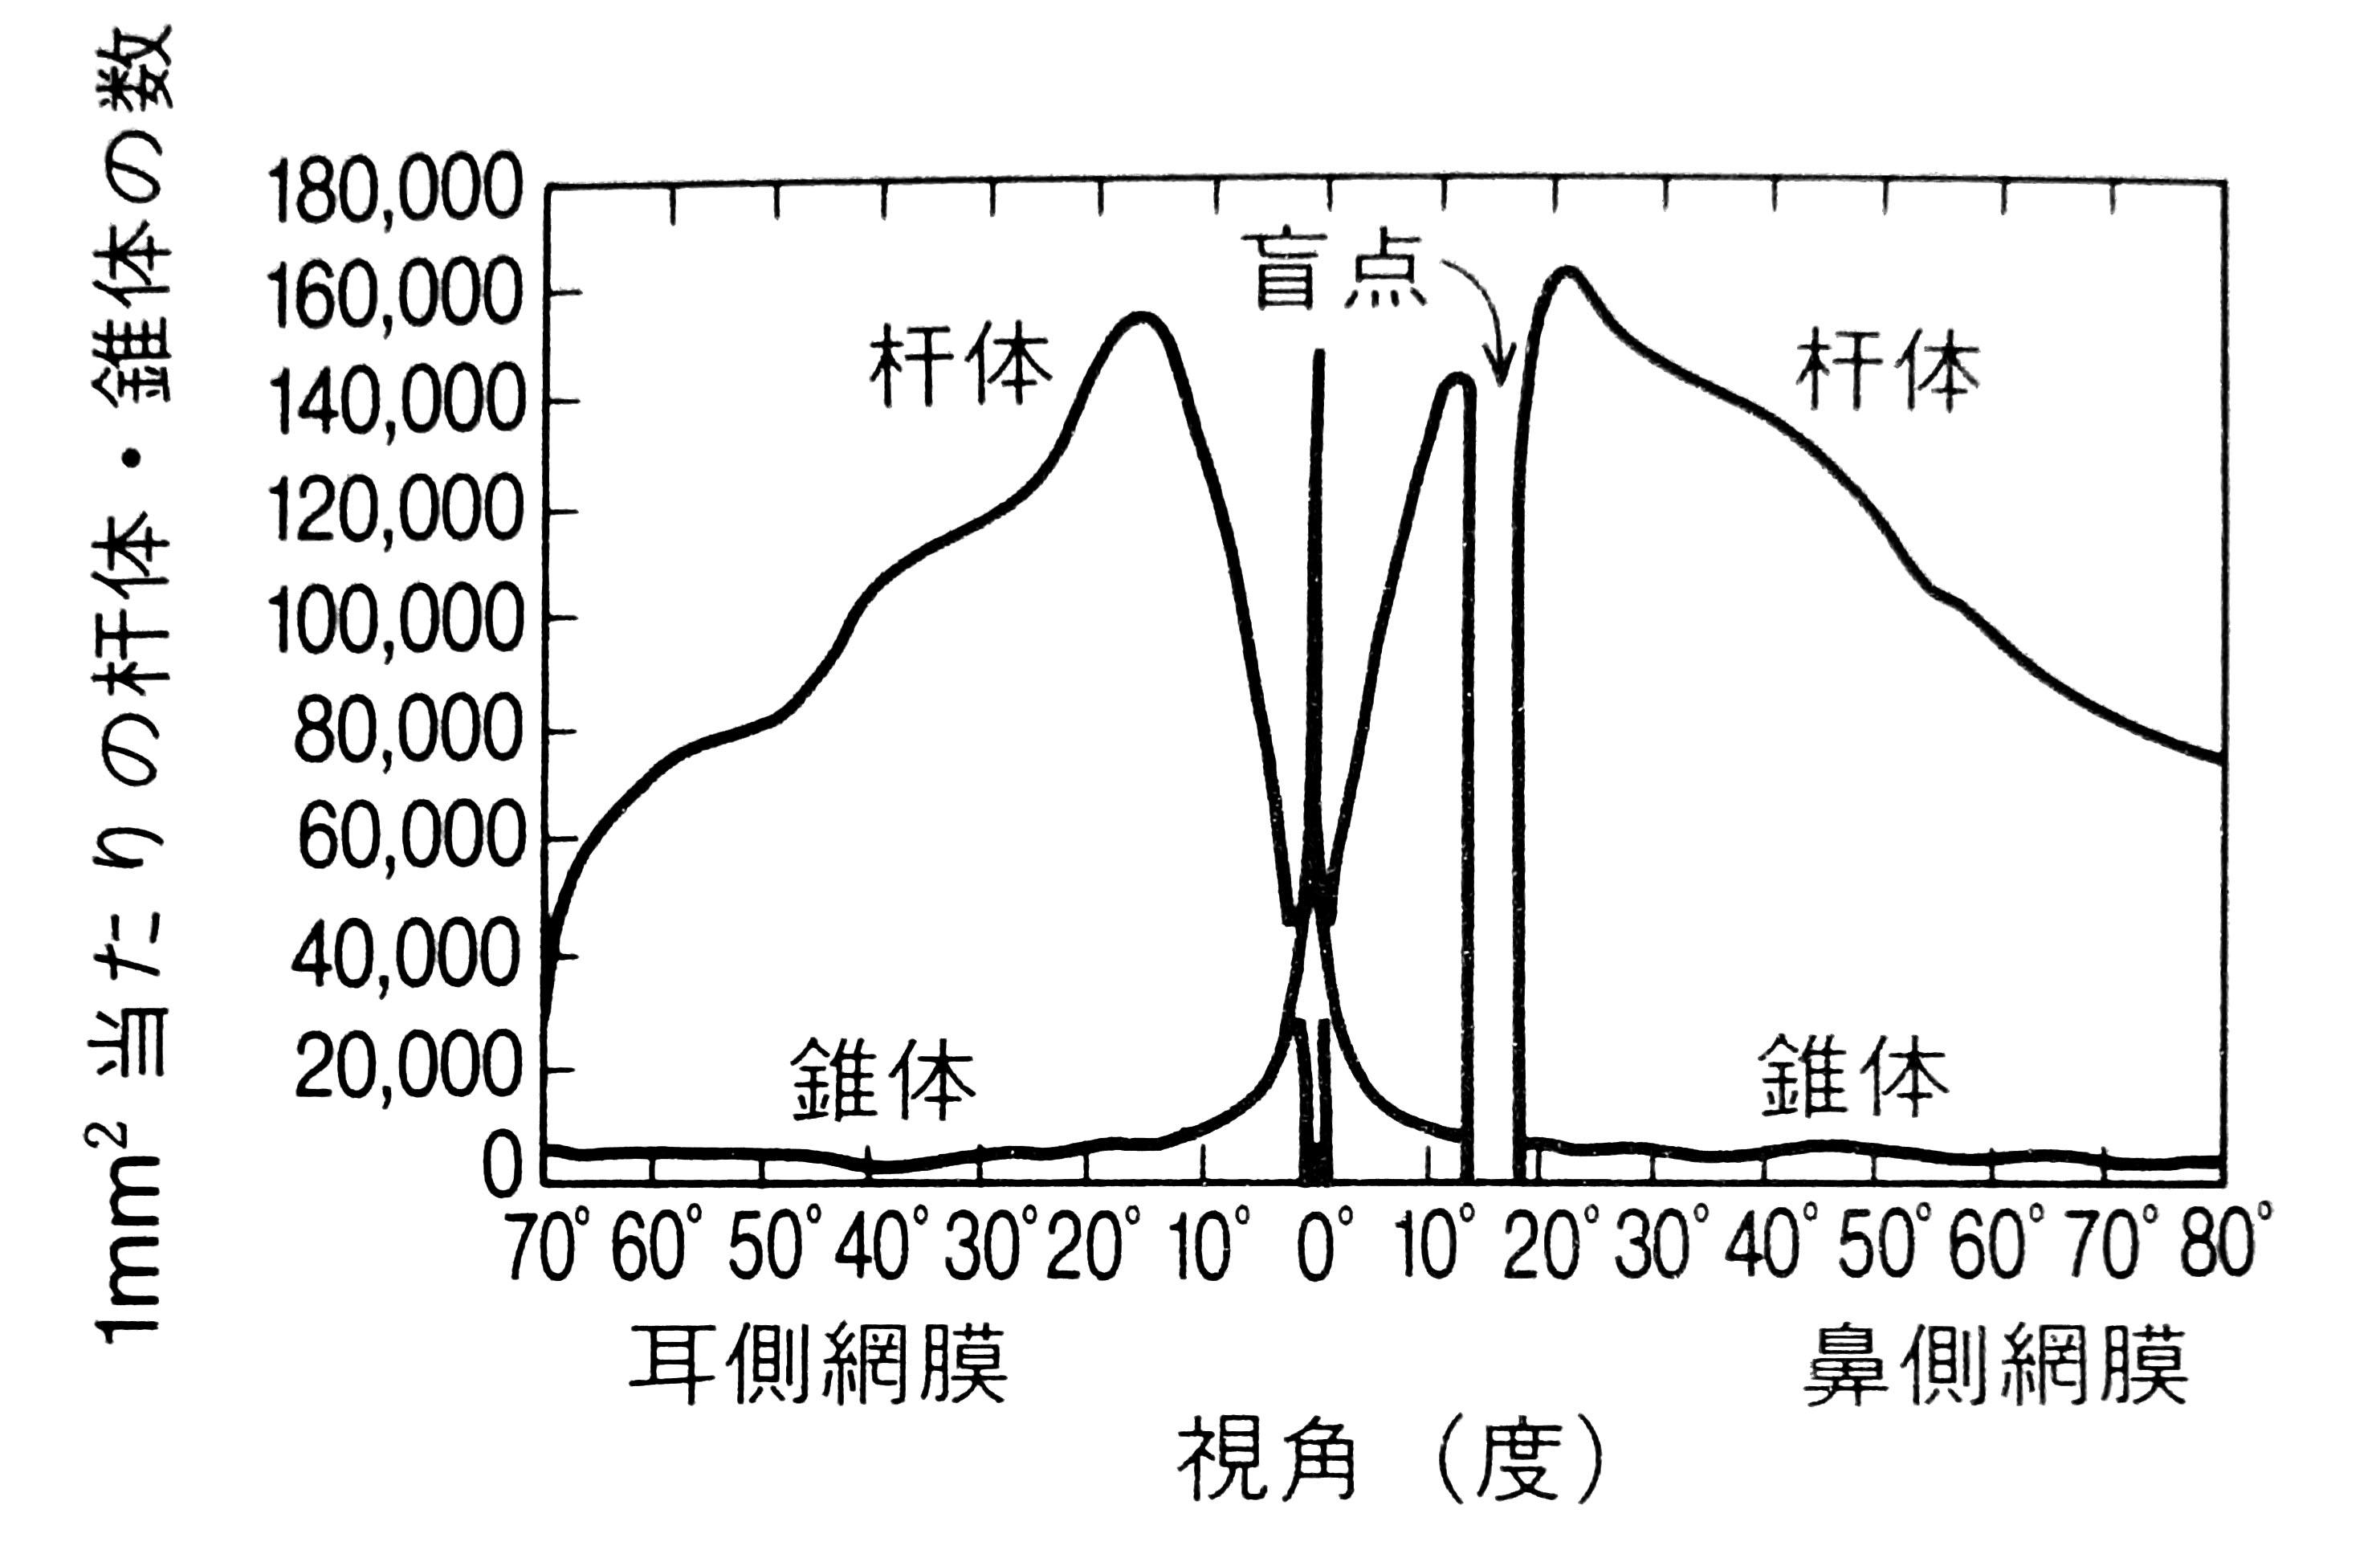 図1.左眼の網膜位置に対応した桿体・錐体の分布密度(感覚知覚ハンドブック p.924 図18・5・1)